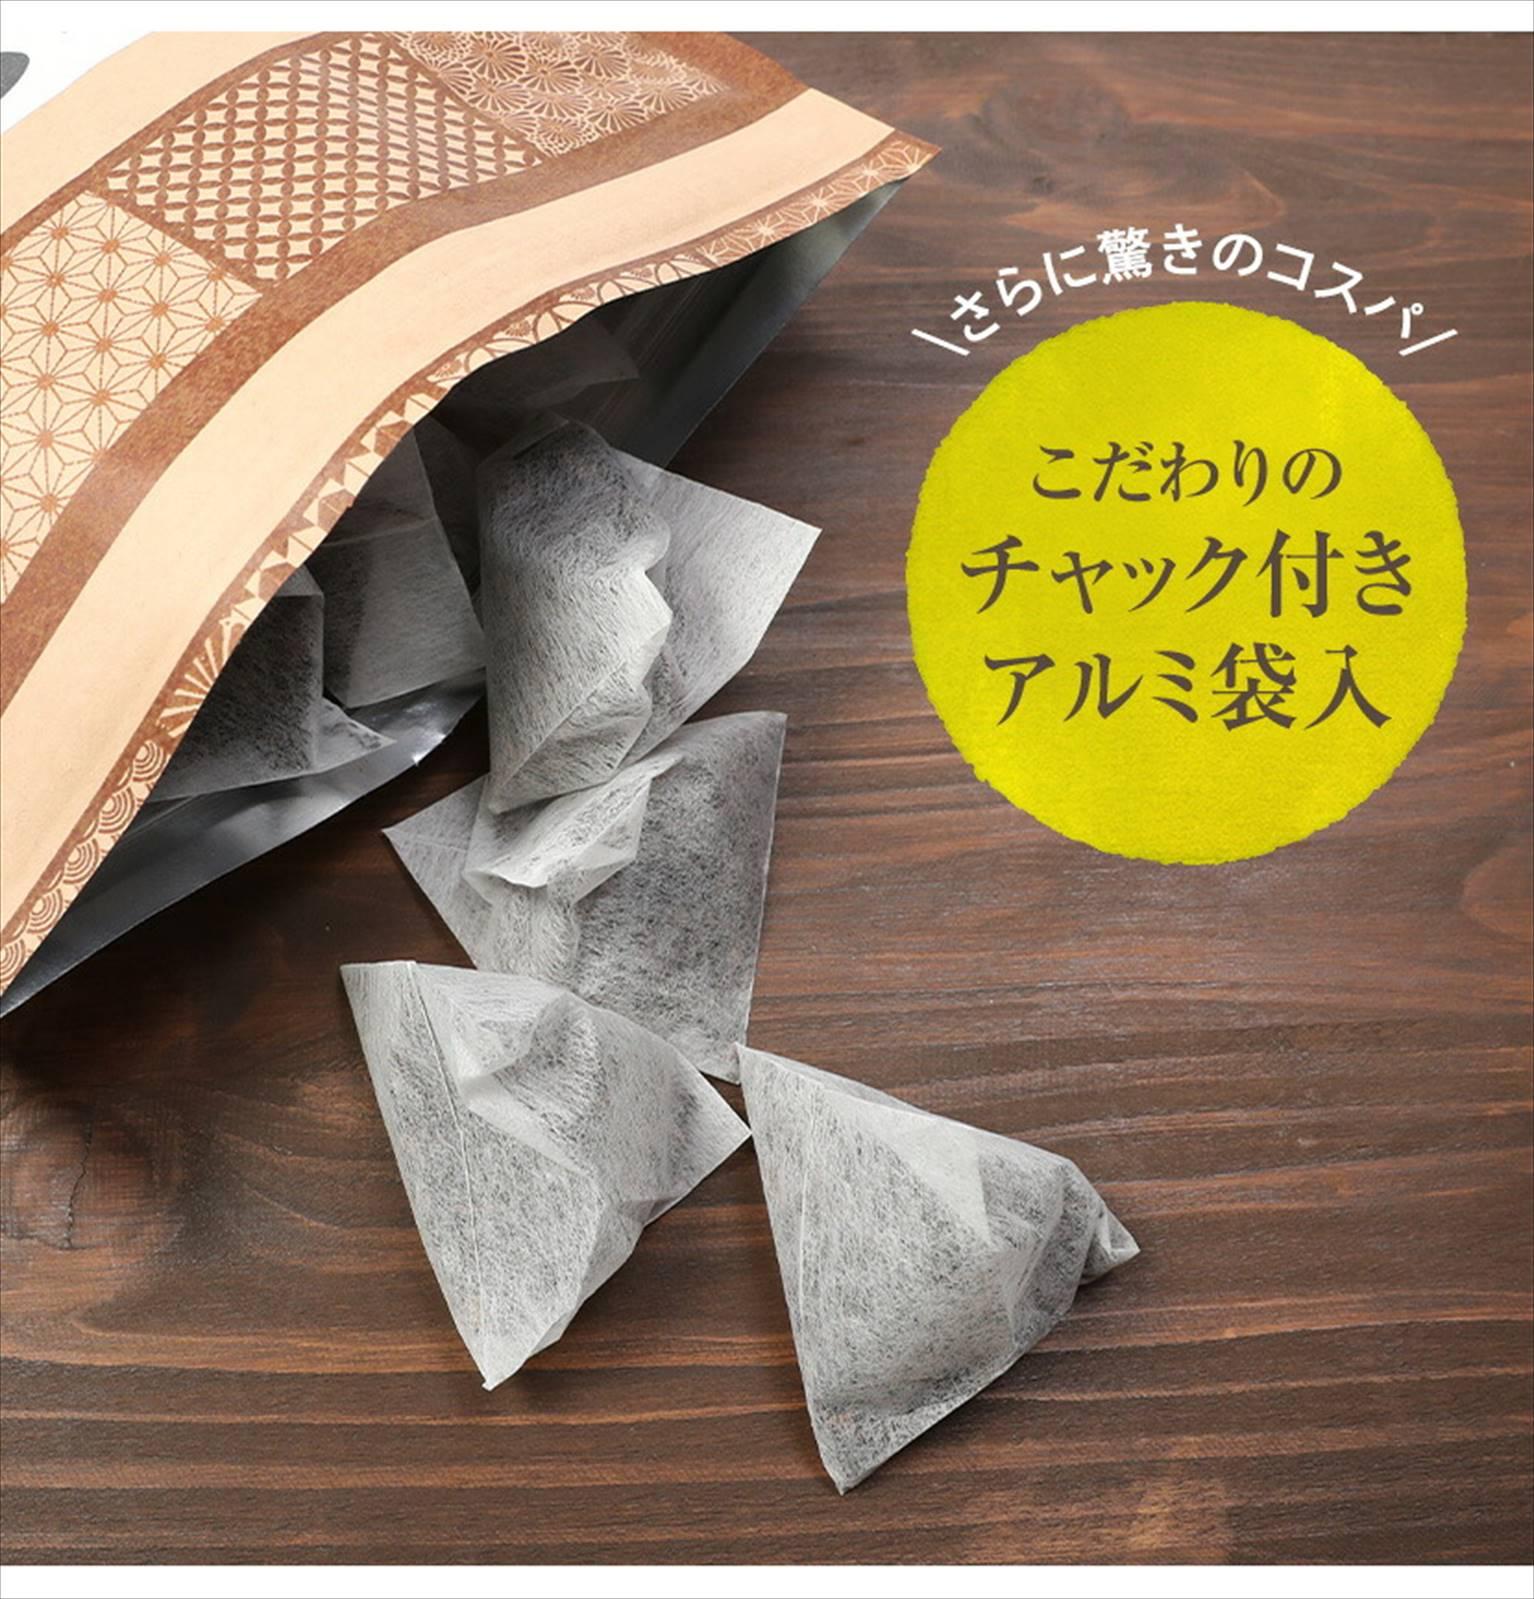 純黒ウーロン茶 5.2g 50包 260g 送料無料 1100円 八重撫子 烏龍茶 黒烏龍茶